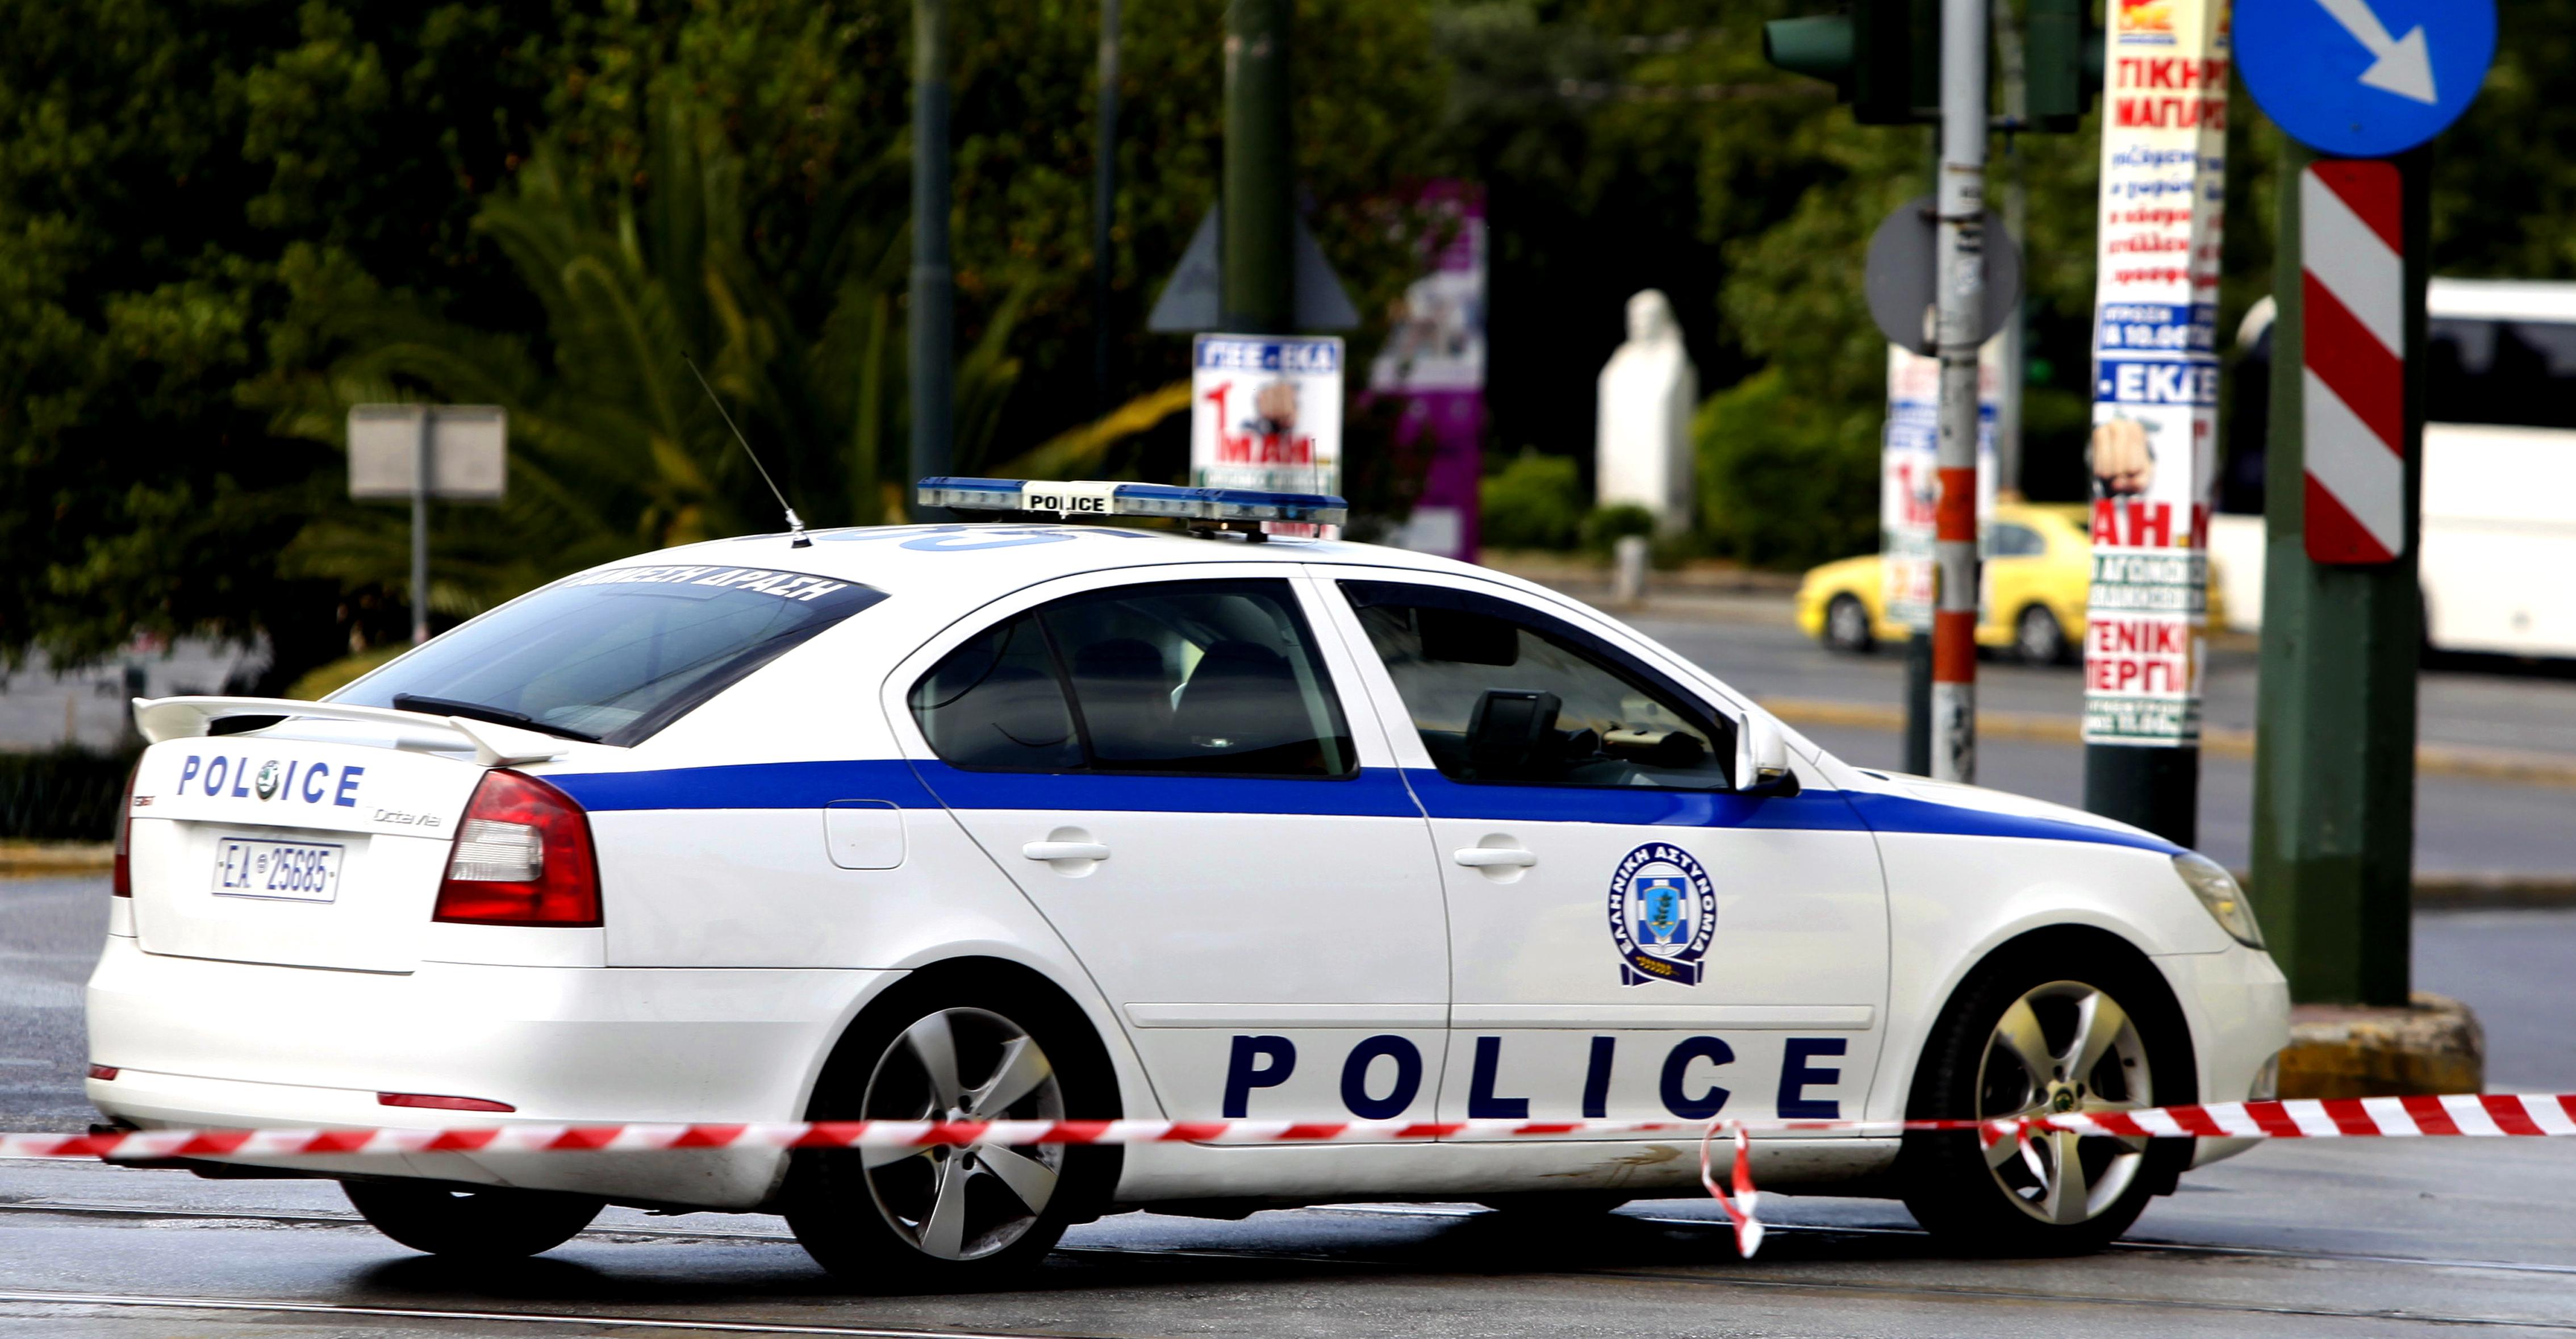 Βίαιη ληστεία στην Κεφαλονιά – 4 τραυματίες | tovima.gr